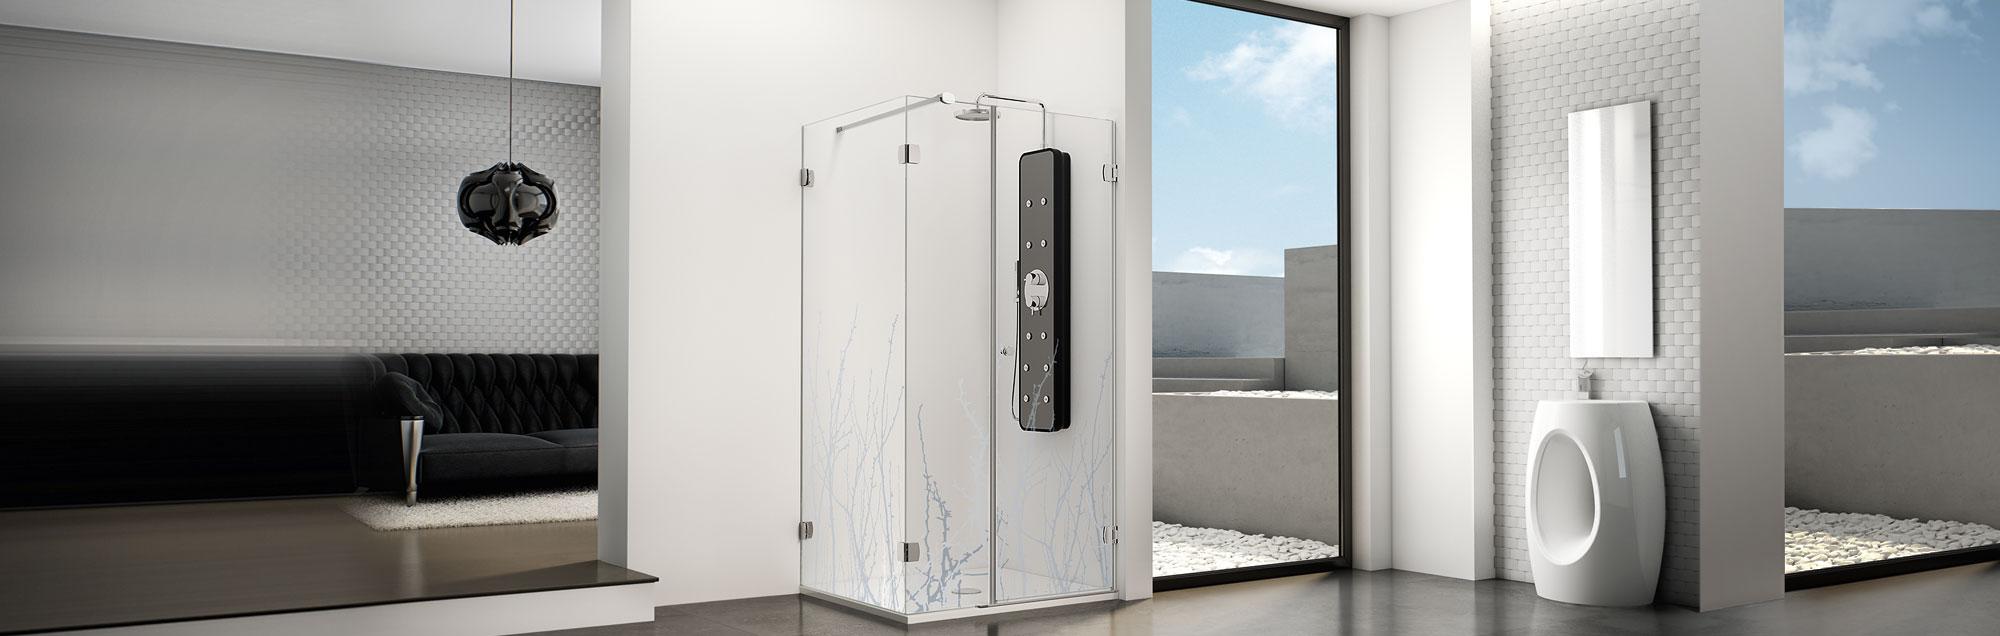 Mamparas abatibles para ducha y ba era a medida de profiltek - Banera a medida ...